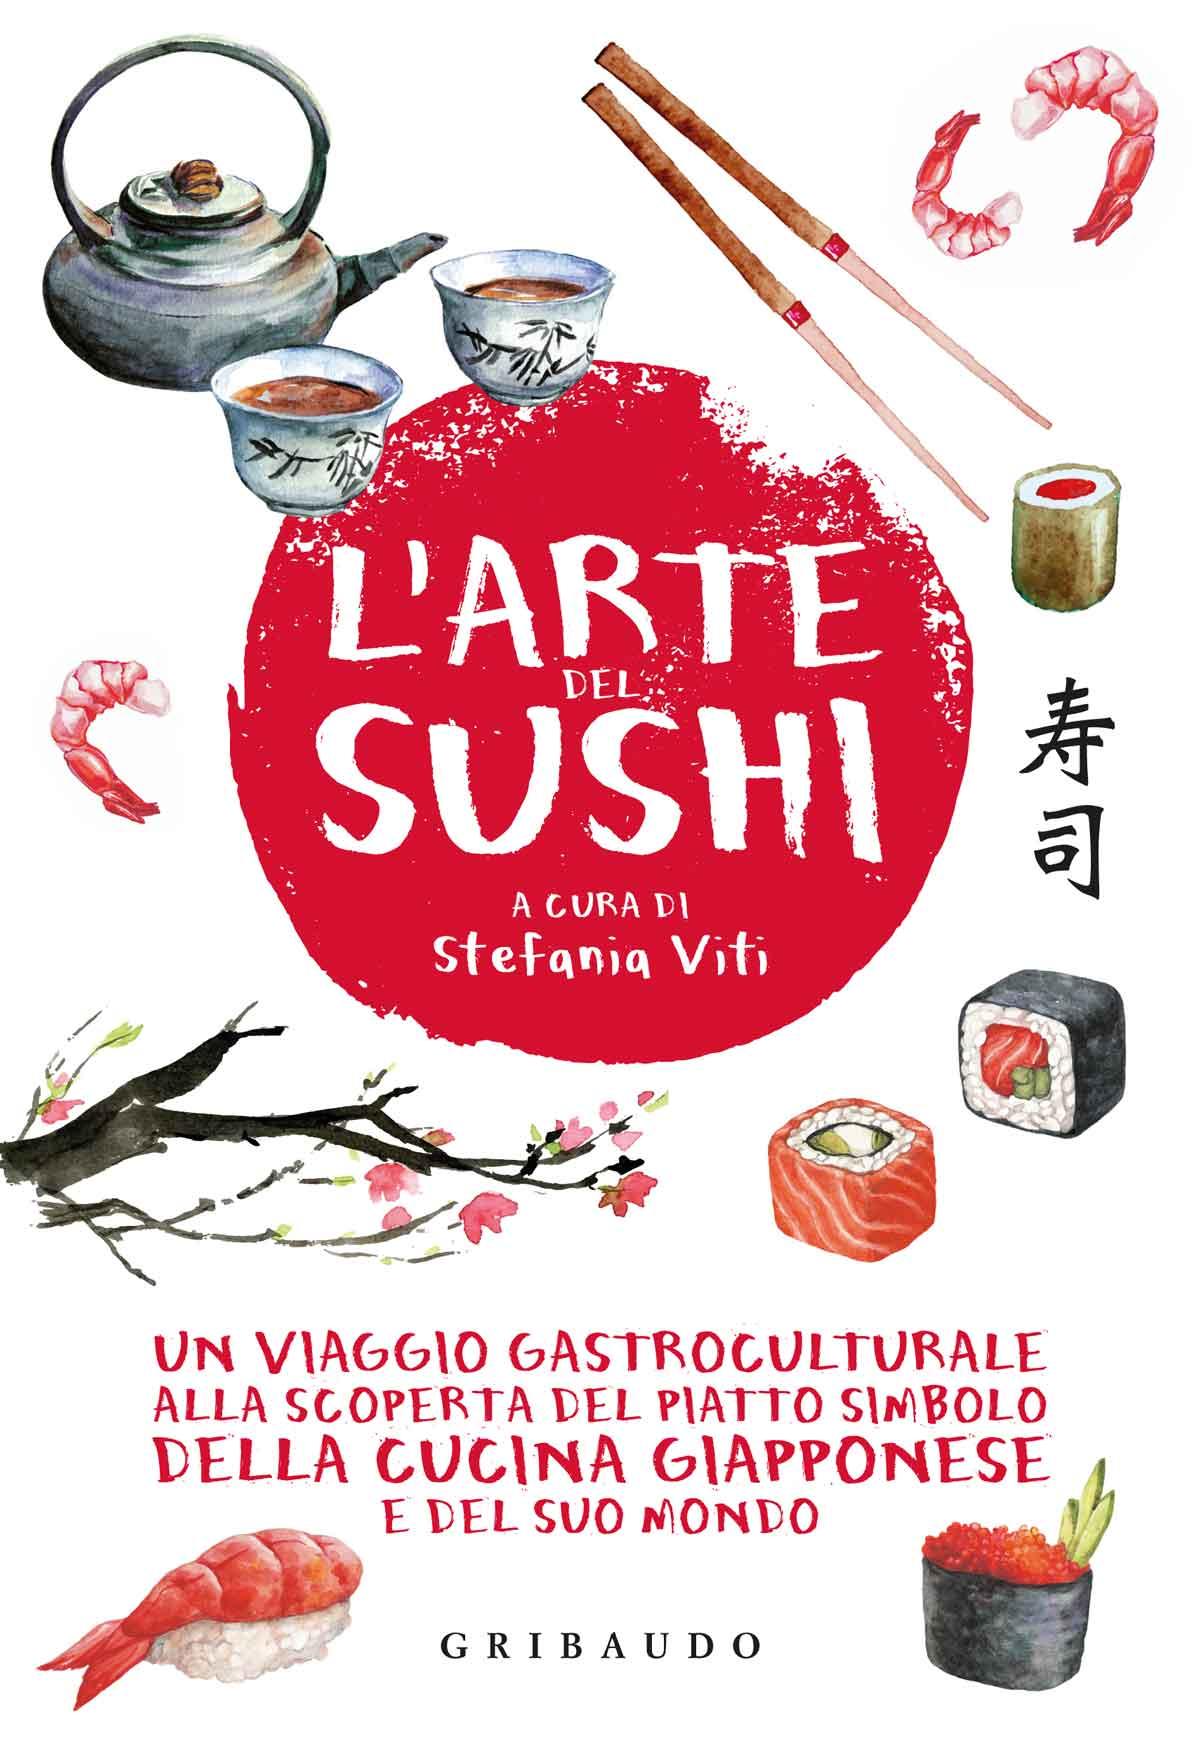 arte del sushi libro cover